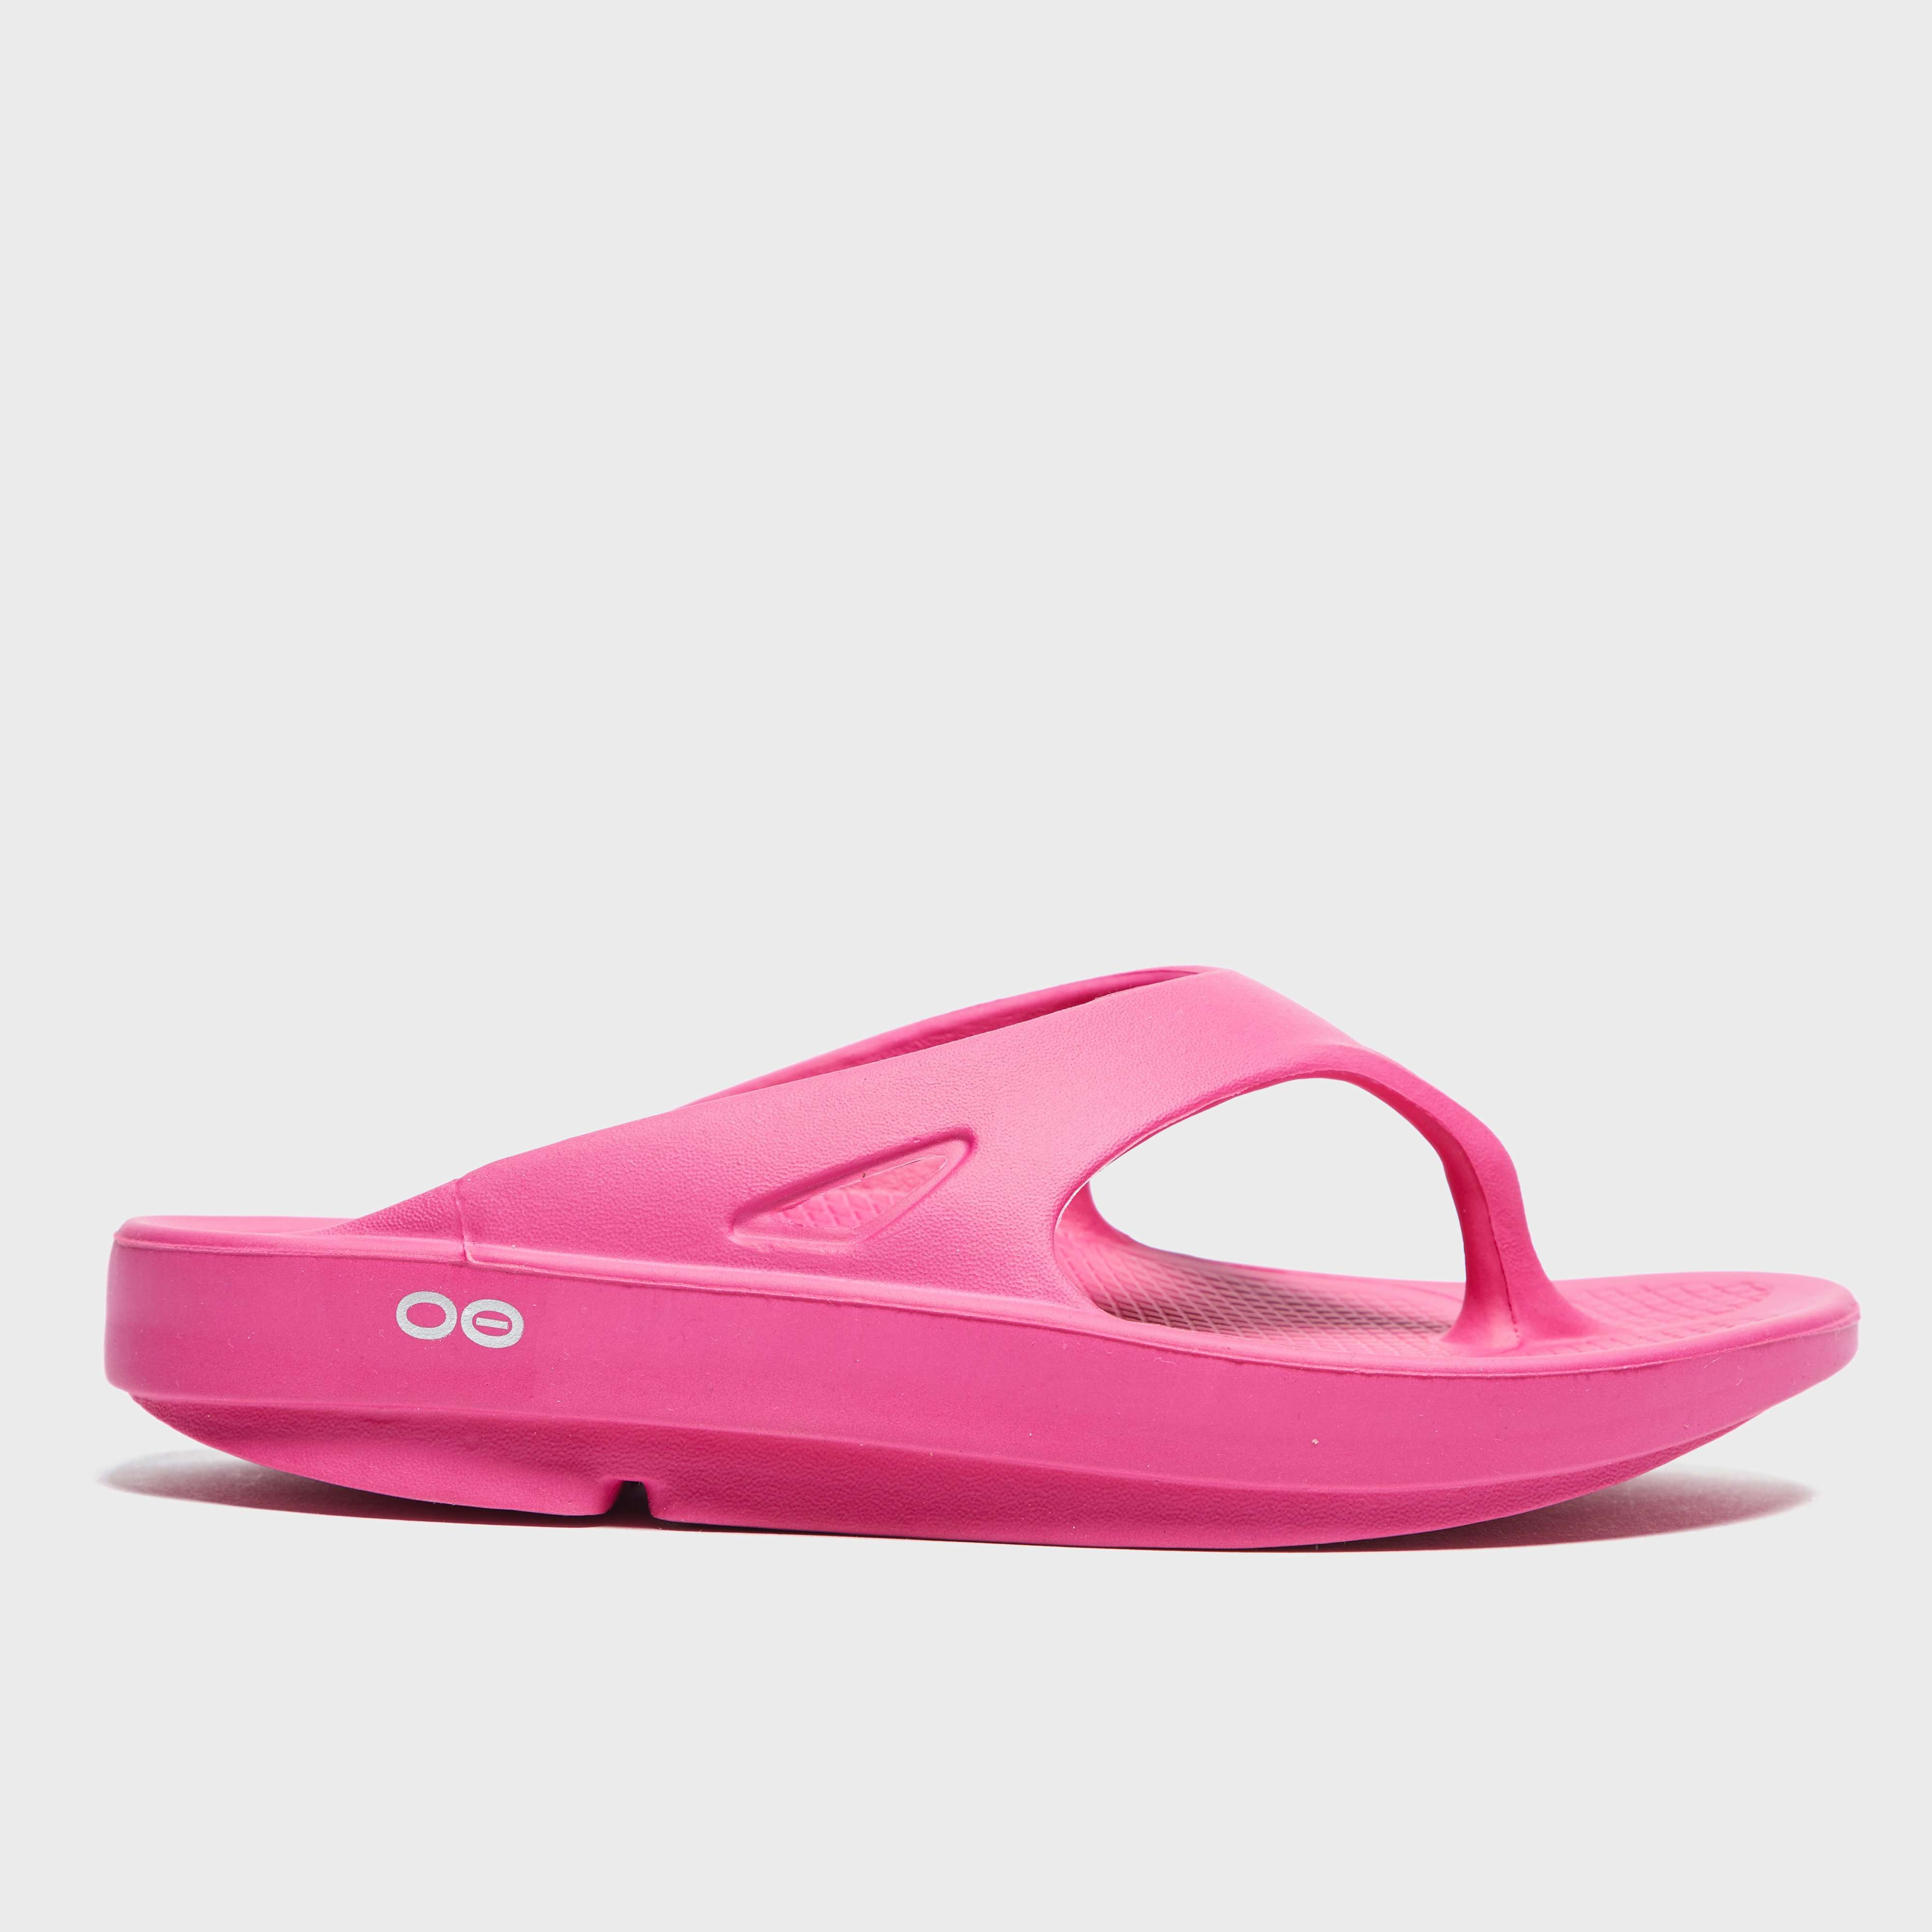 OOFOS Women's OOriginal Flip Flops